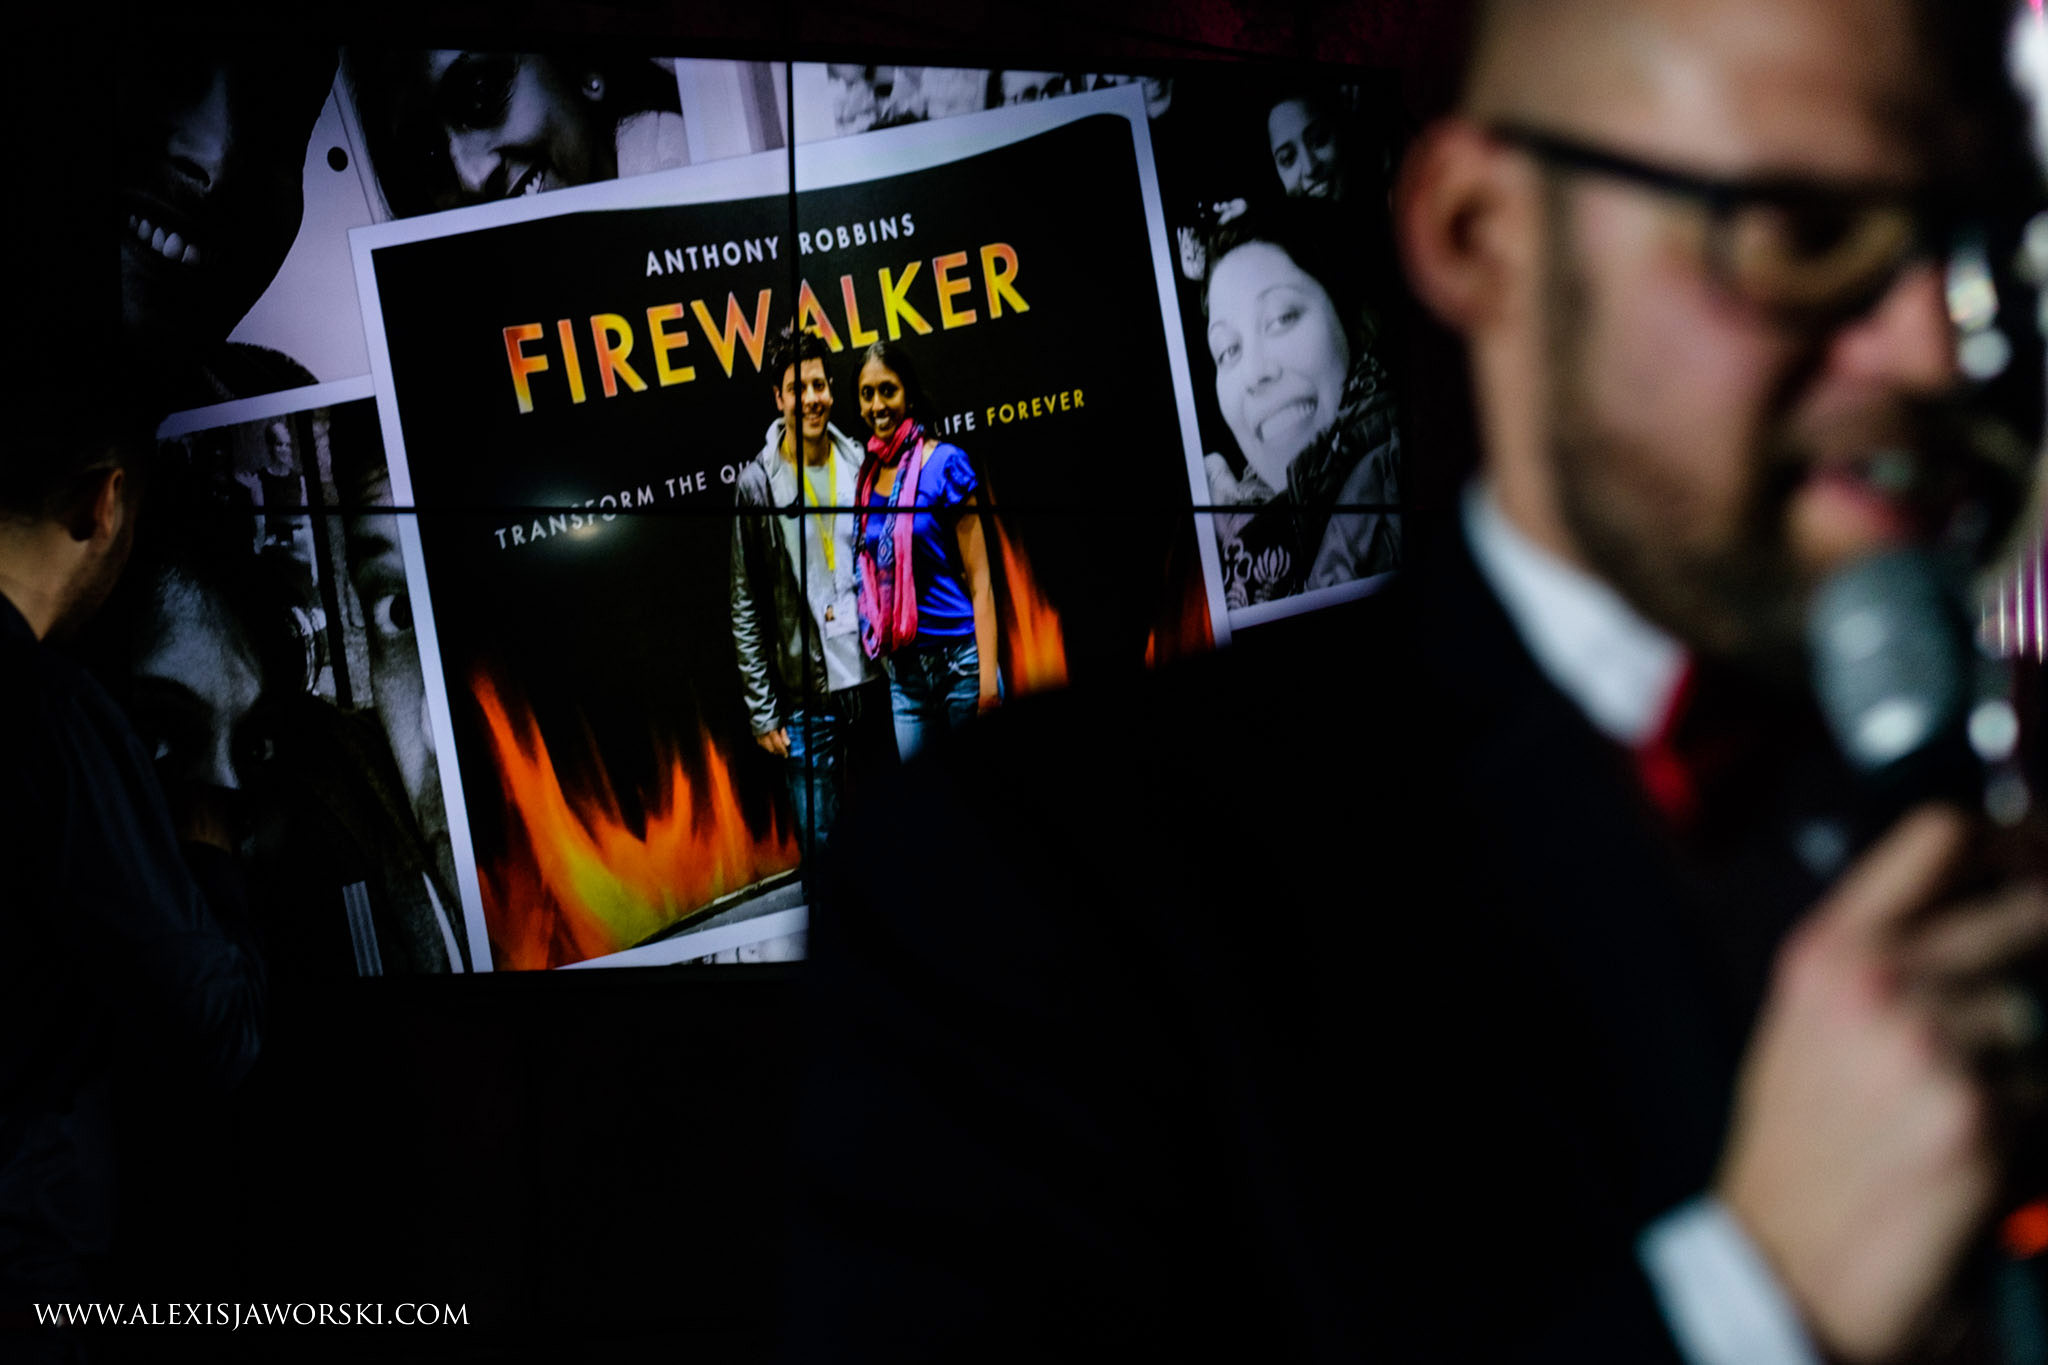 firewalker images